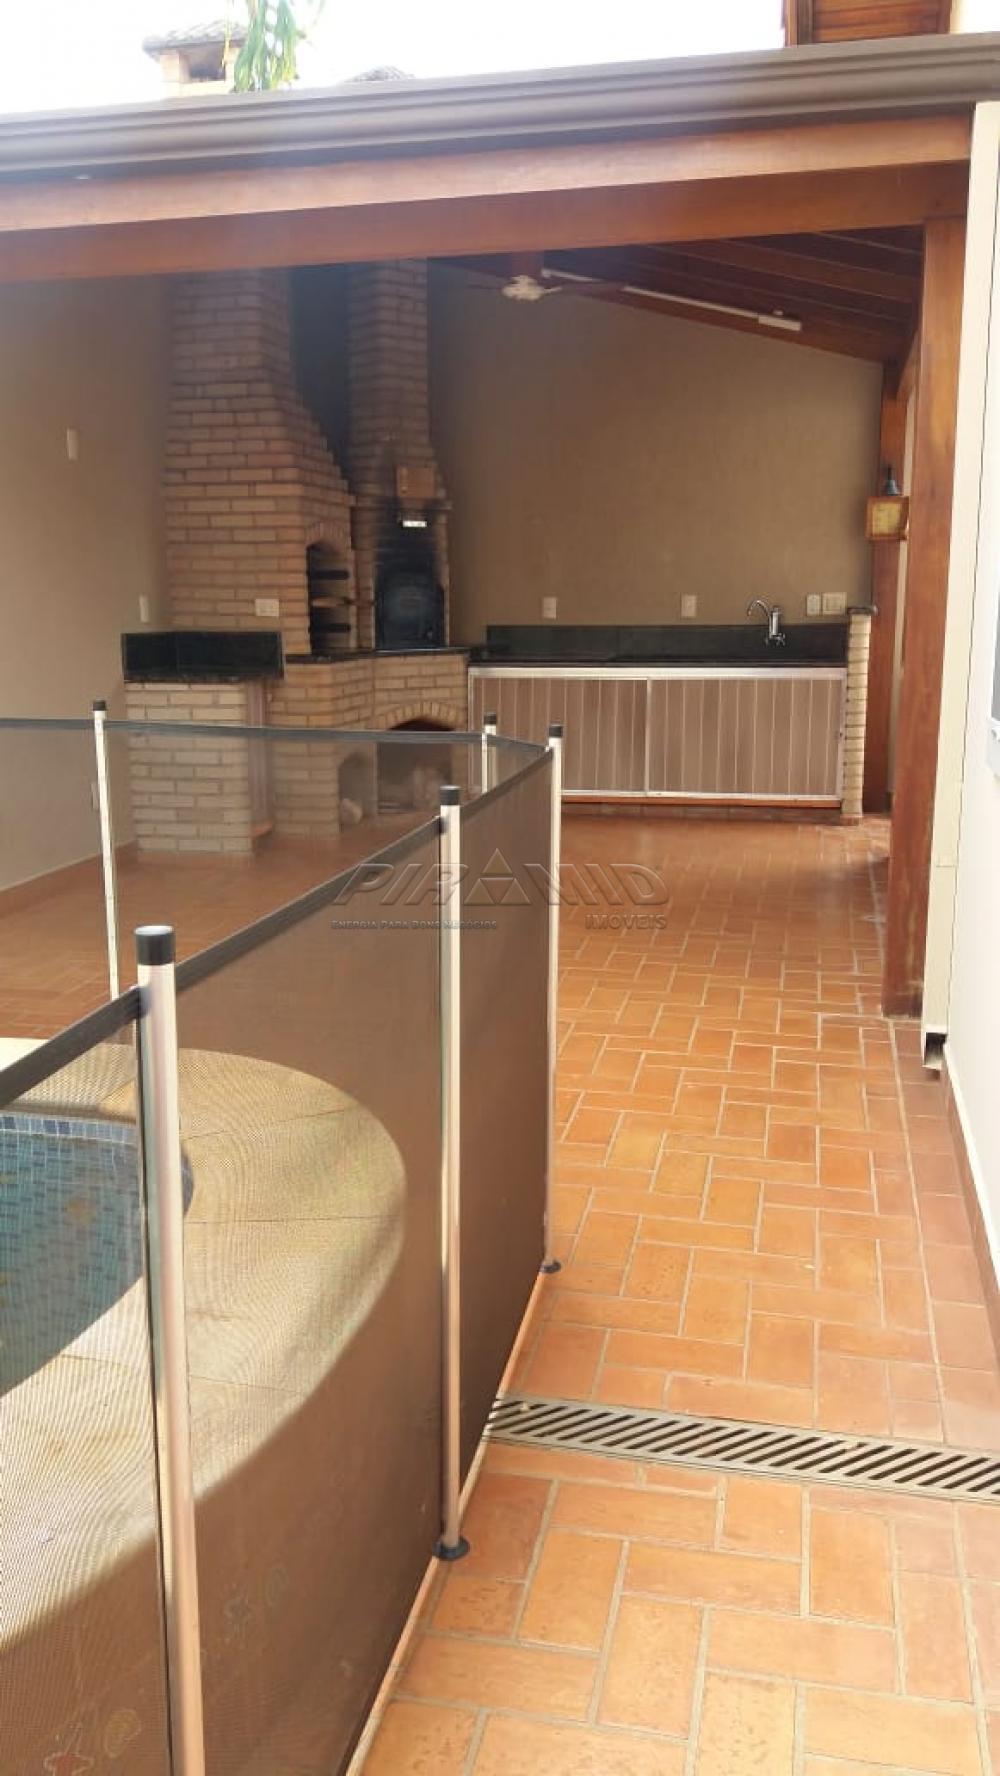 Comprar Casa / Condomínio em Ribeirão Preto apenas R$ 350.000,00 - Foto 16